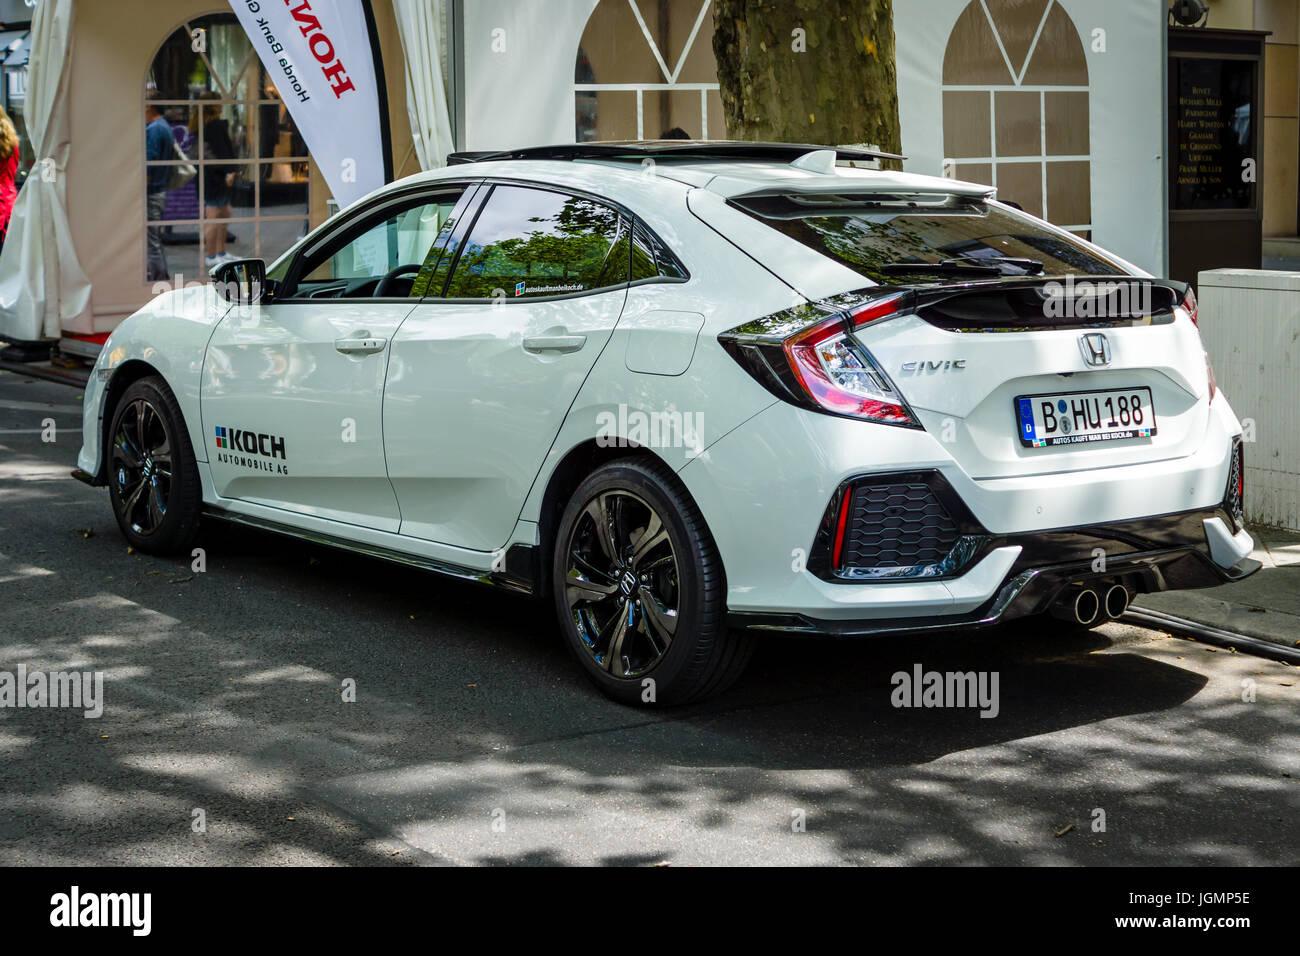 Kelebihan Kekurangan Honda Civic Sport Plus Top Model Tahun Ini